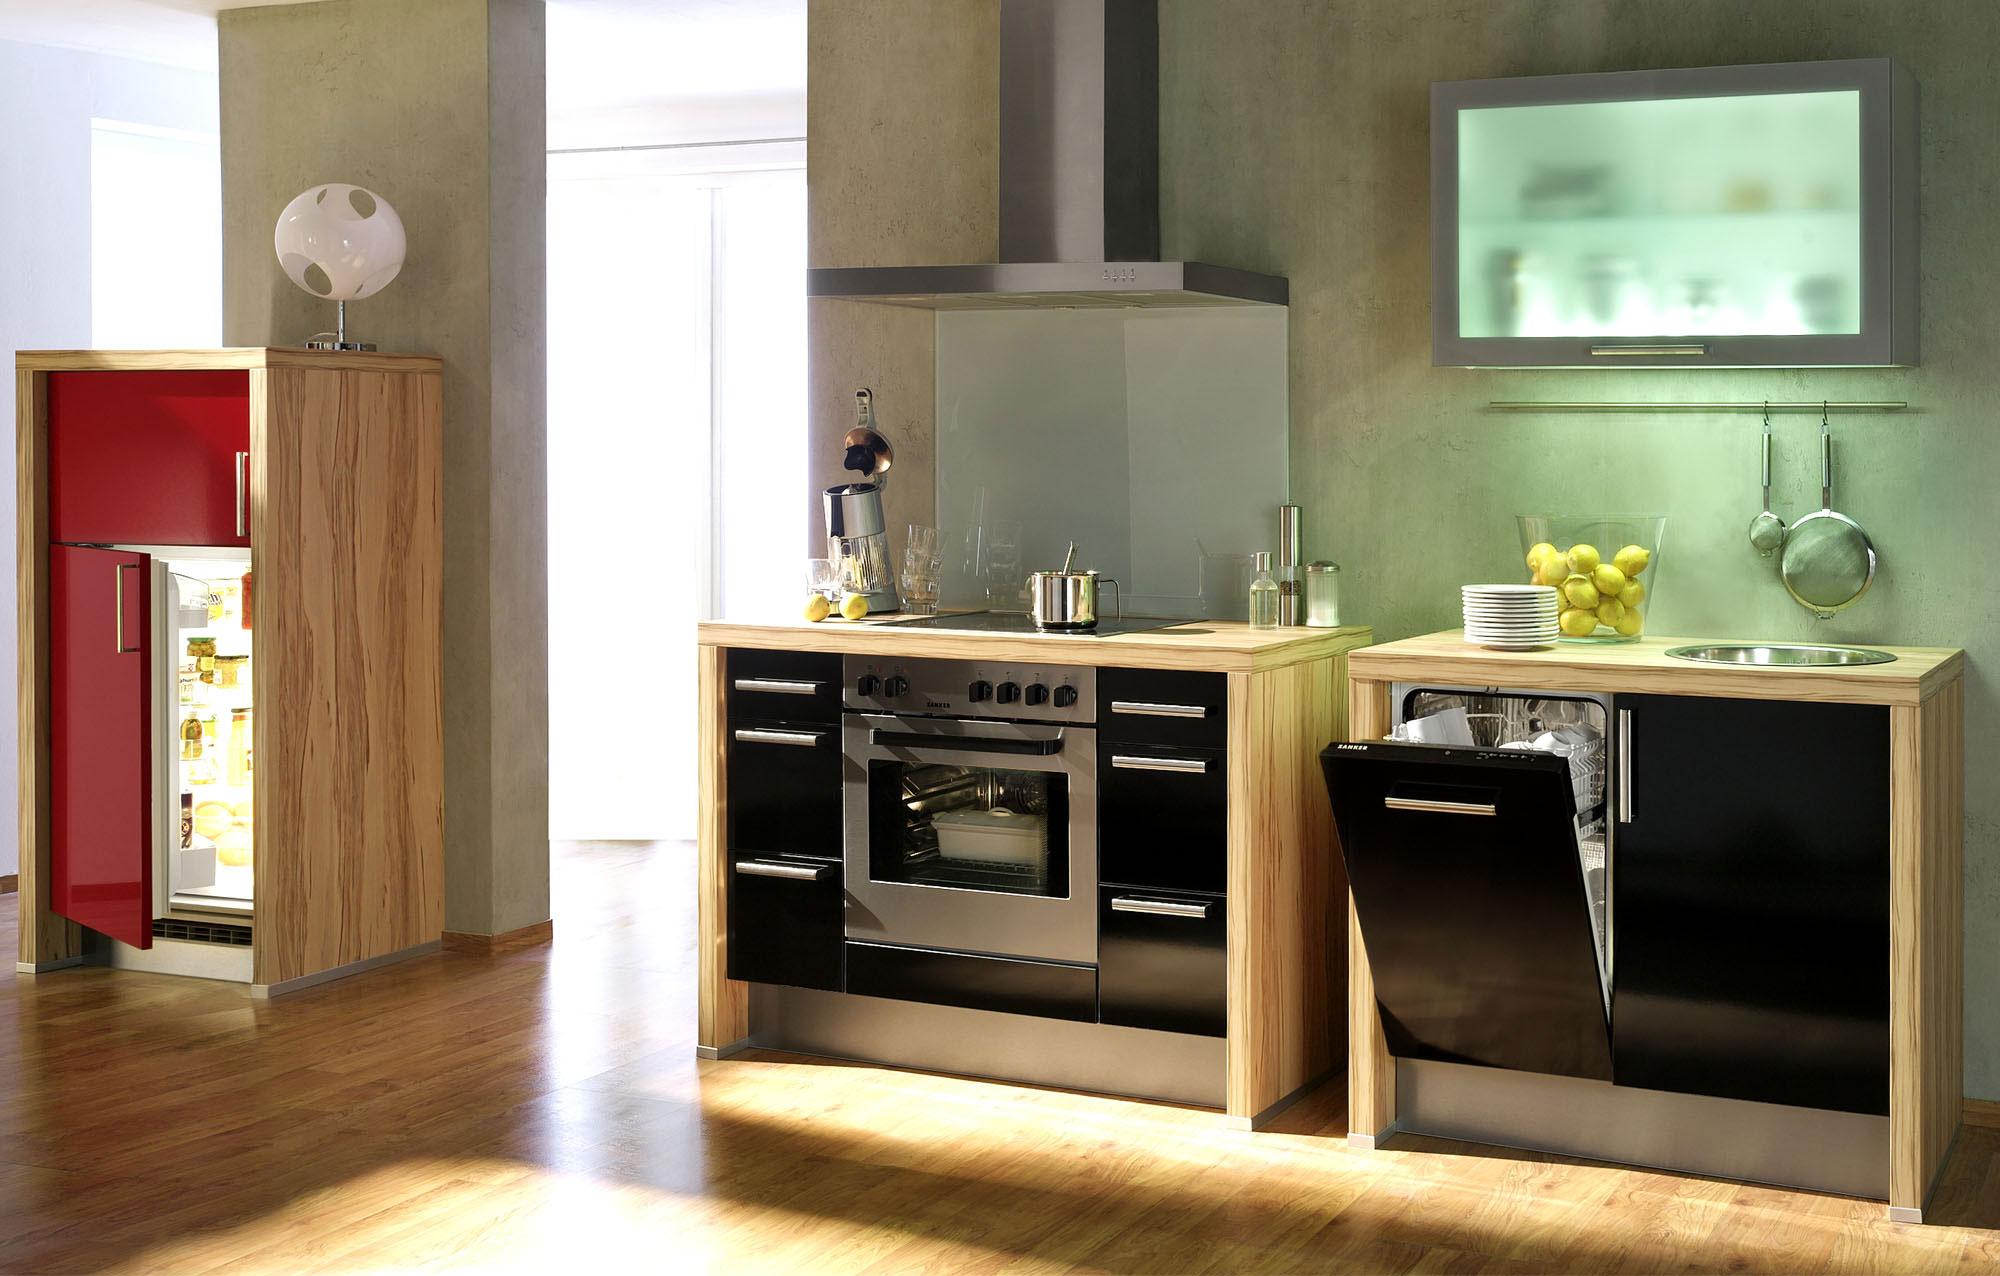 Full Size of Miniküchen Singlekchen Minikchen Bilder Und Ideen Wohnzimmer Miniküchen